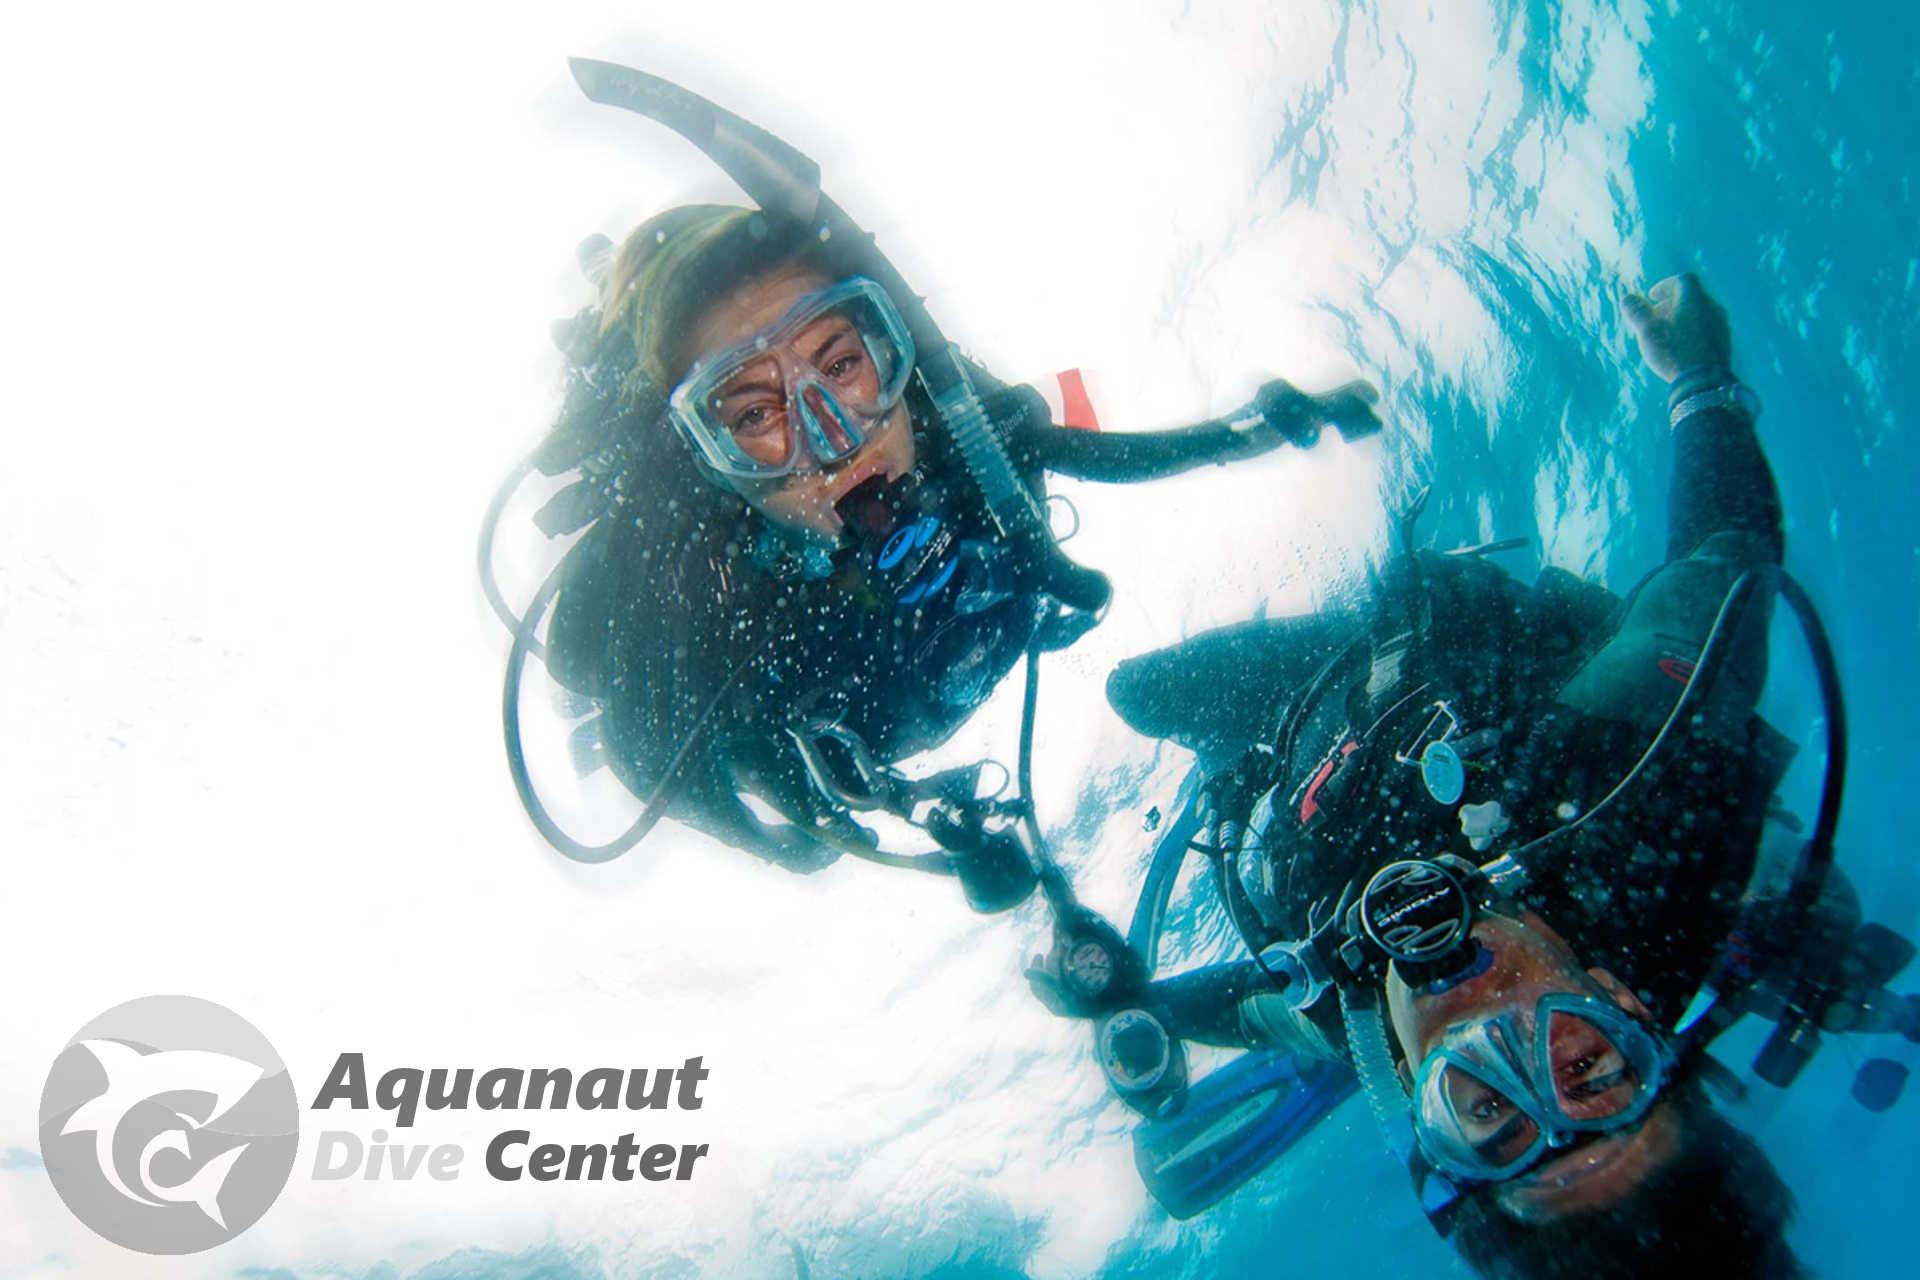 PADI Rescue divers